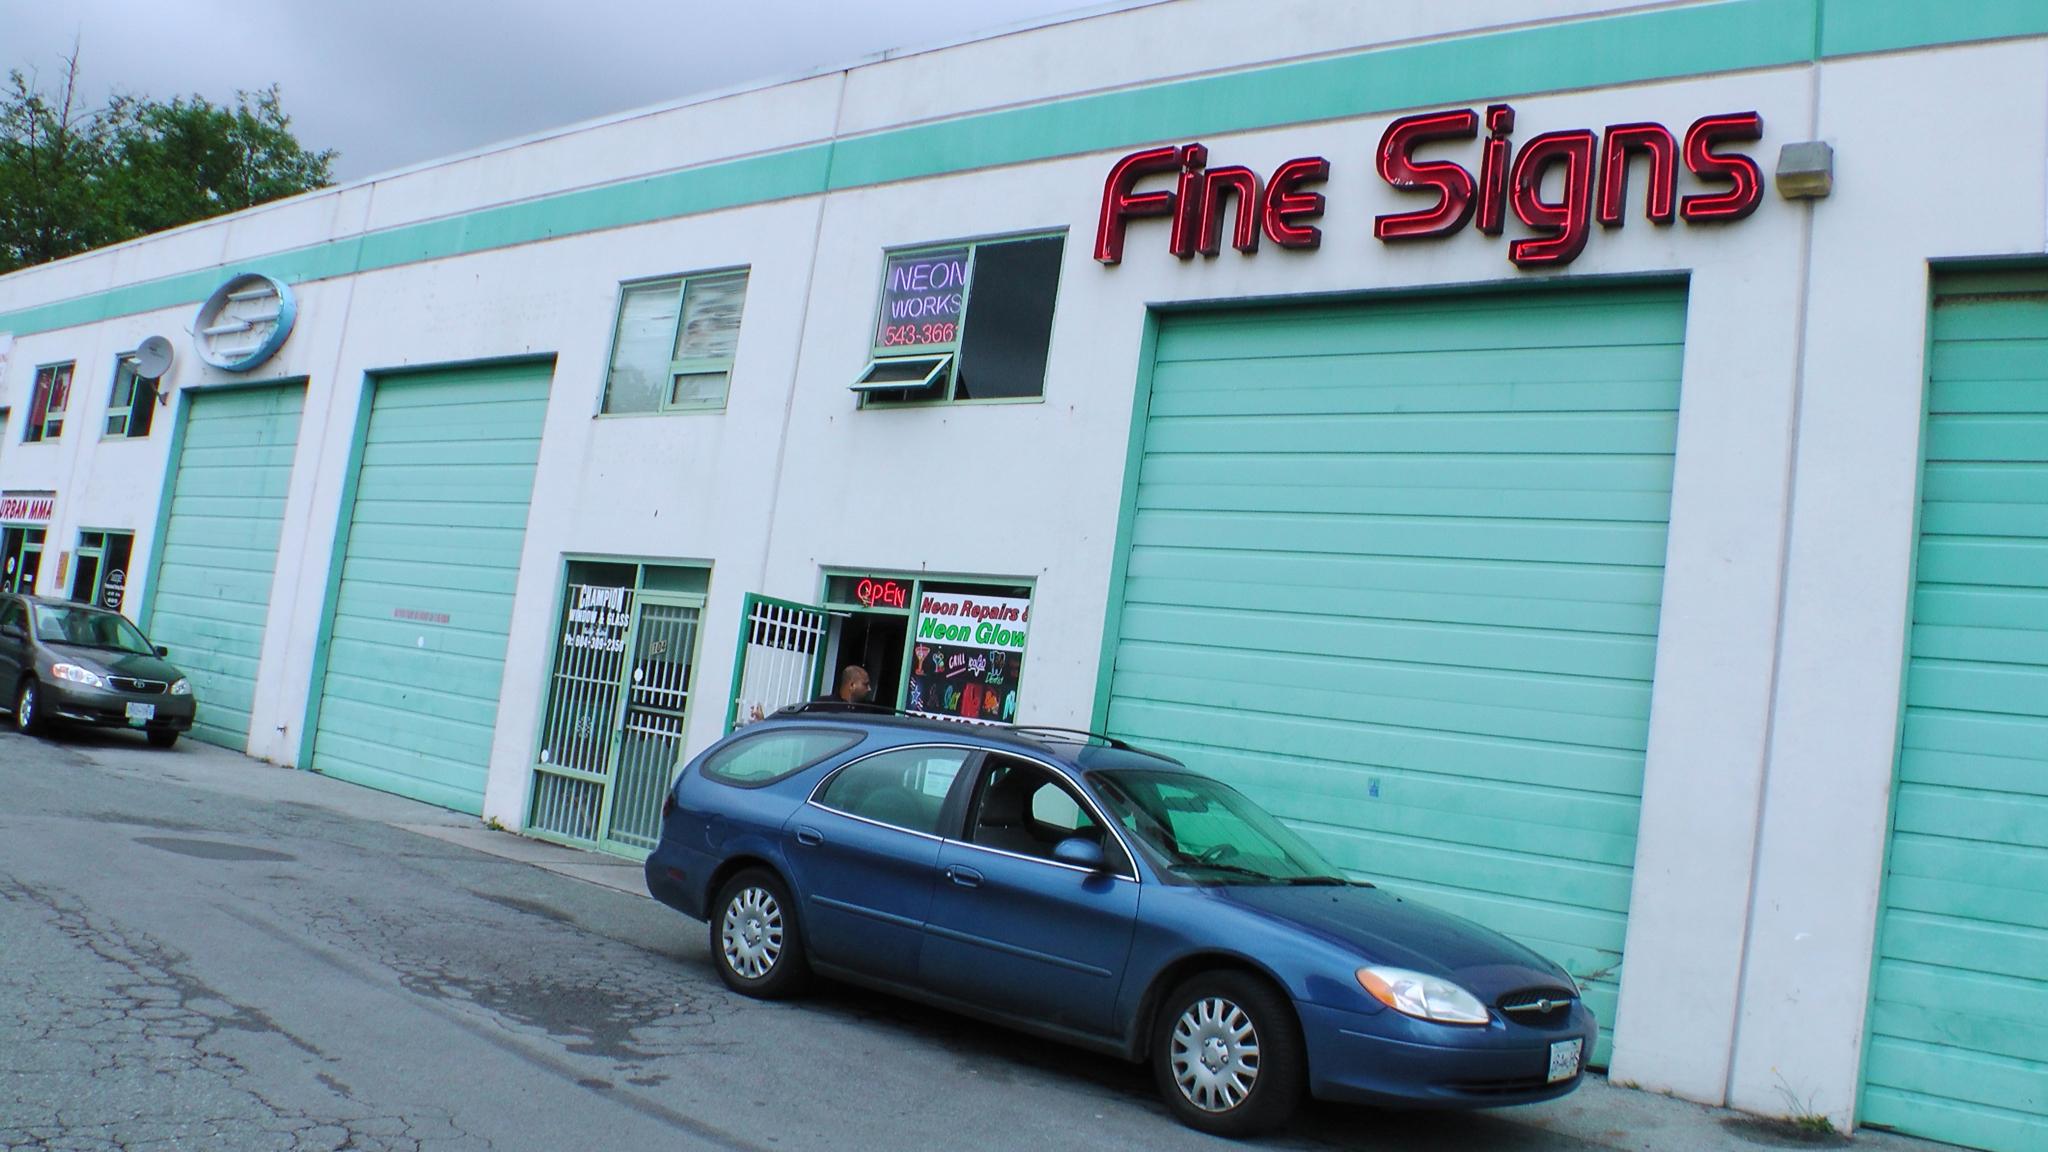 Fine Signs Ltd in Surrey